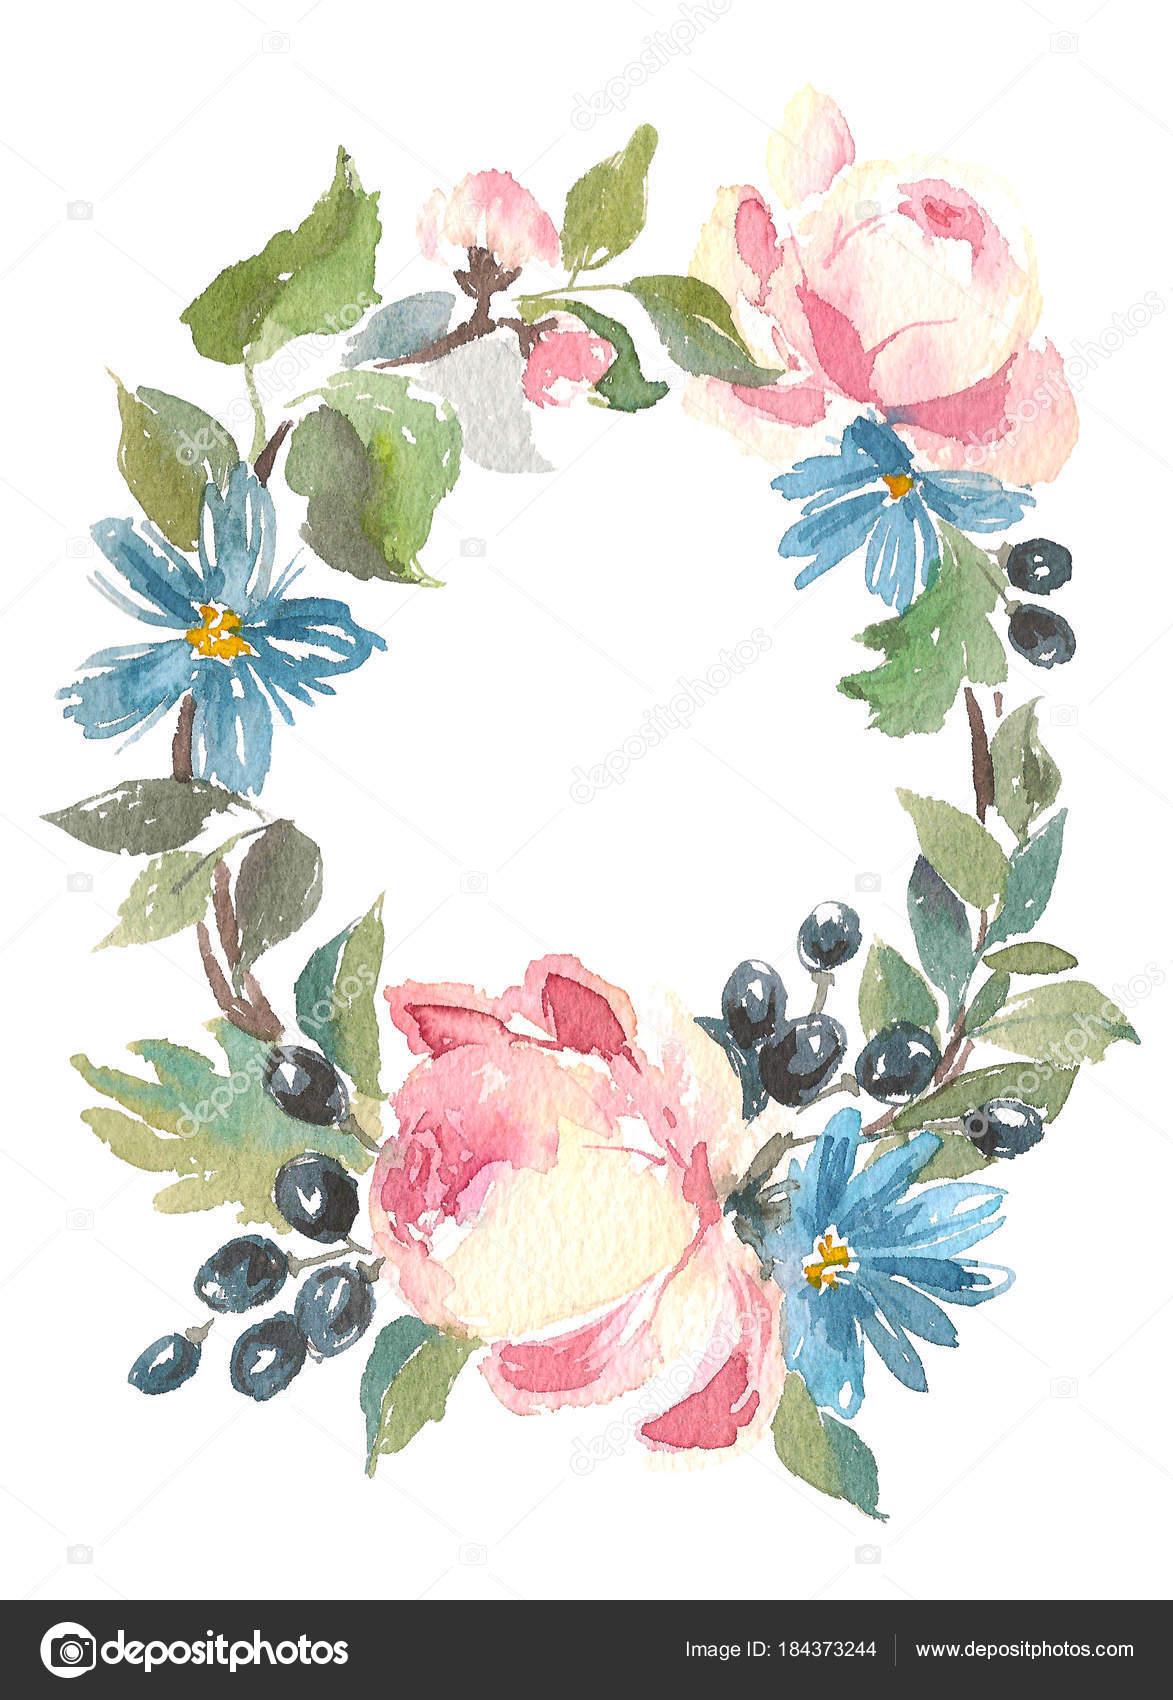 Herzlichen Glckwunsch Karte Aquarell mit Rosen